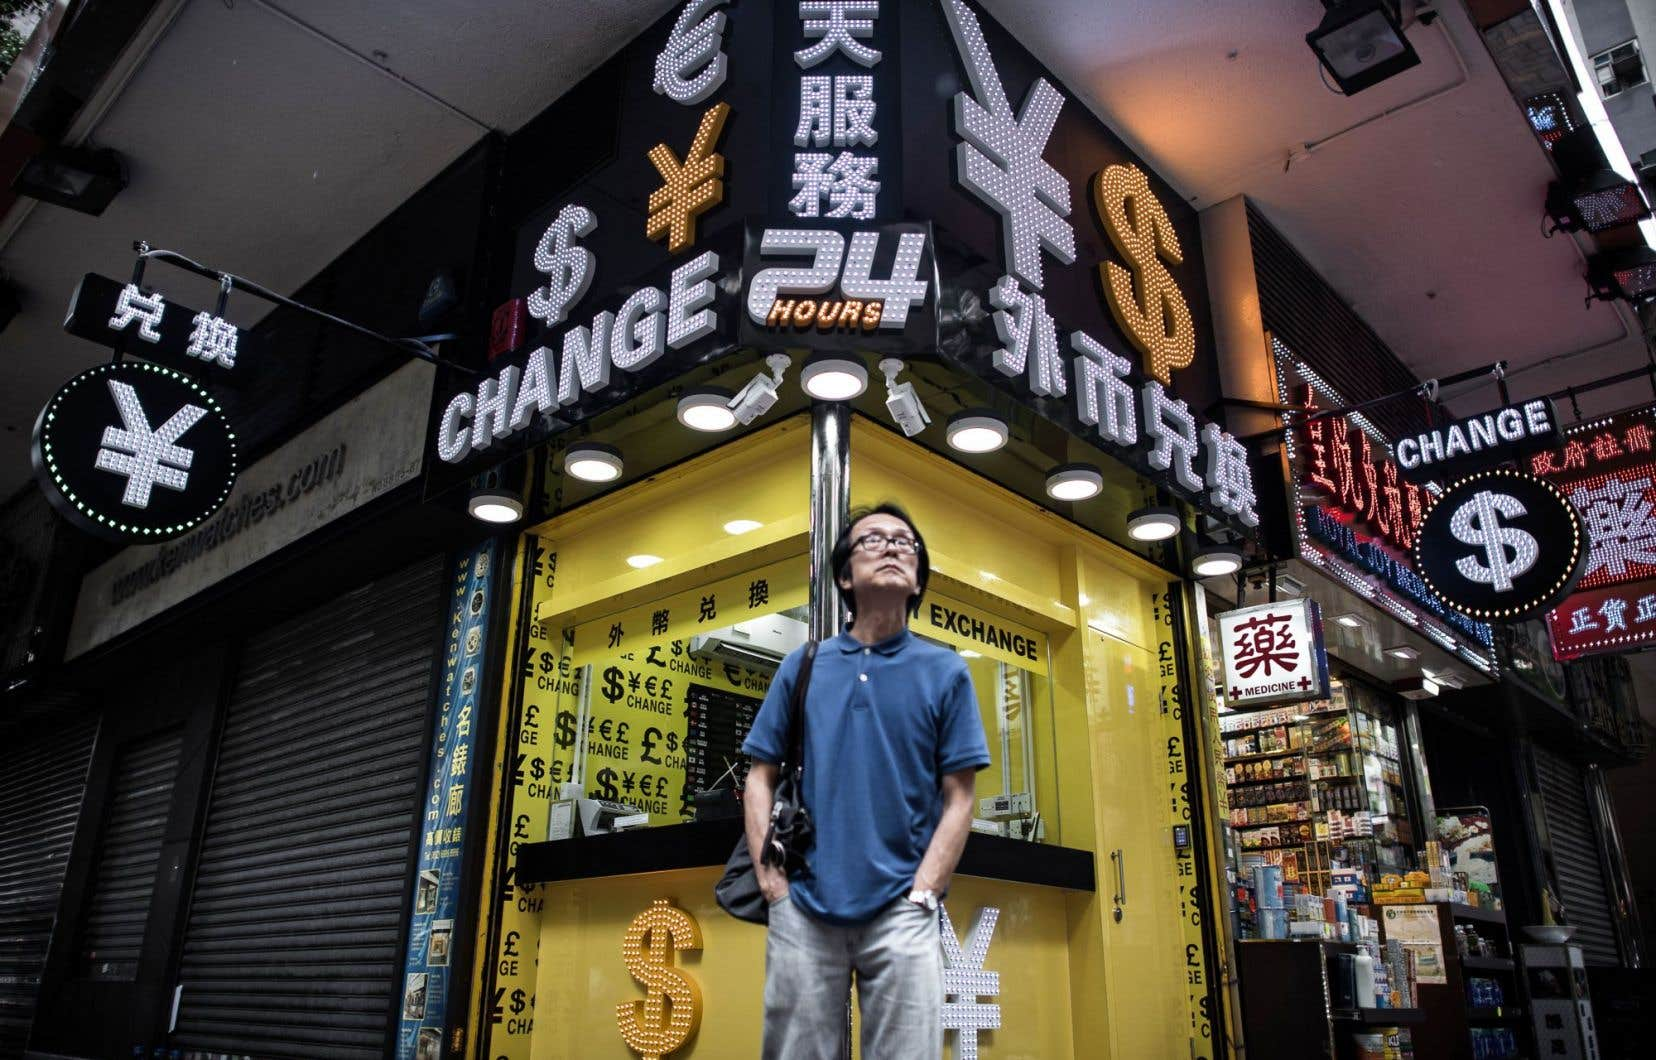 À Hong Kong, un homme se tient debout devant un bureau de change.